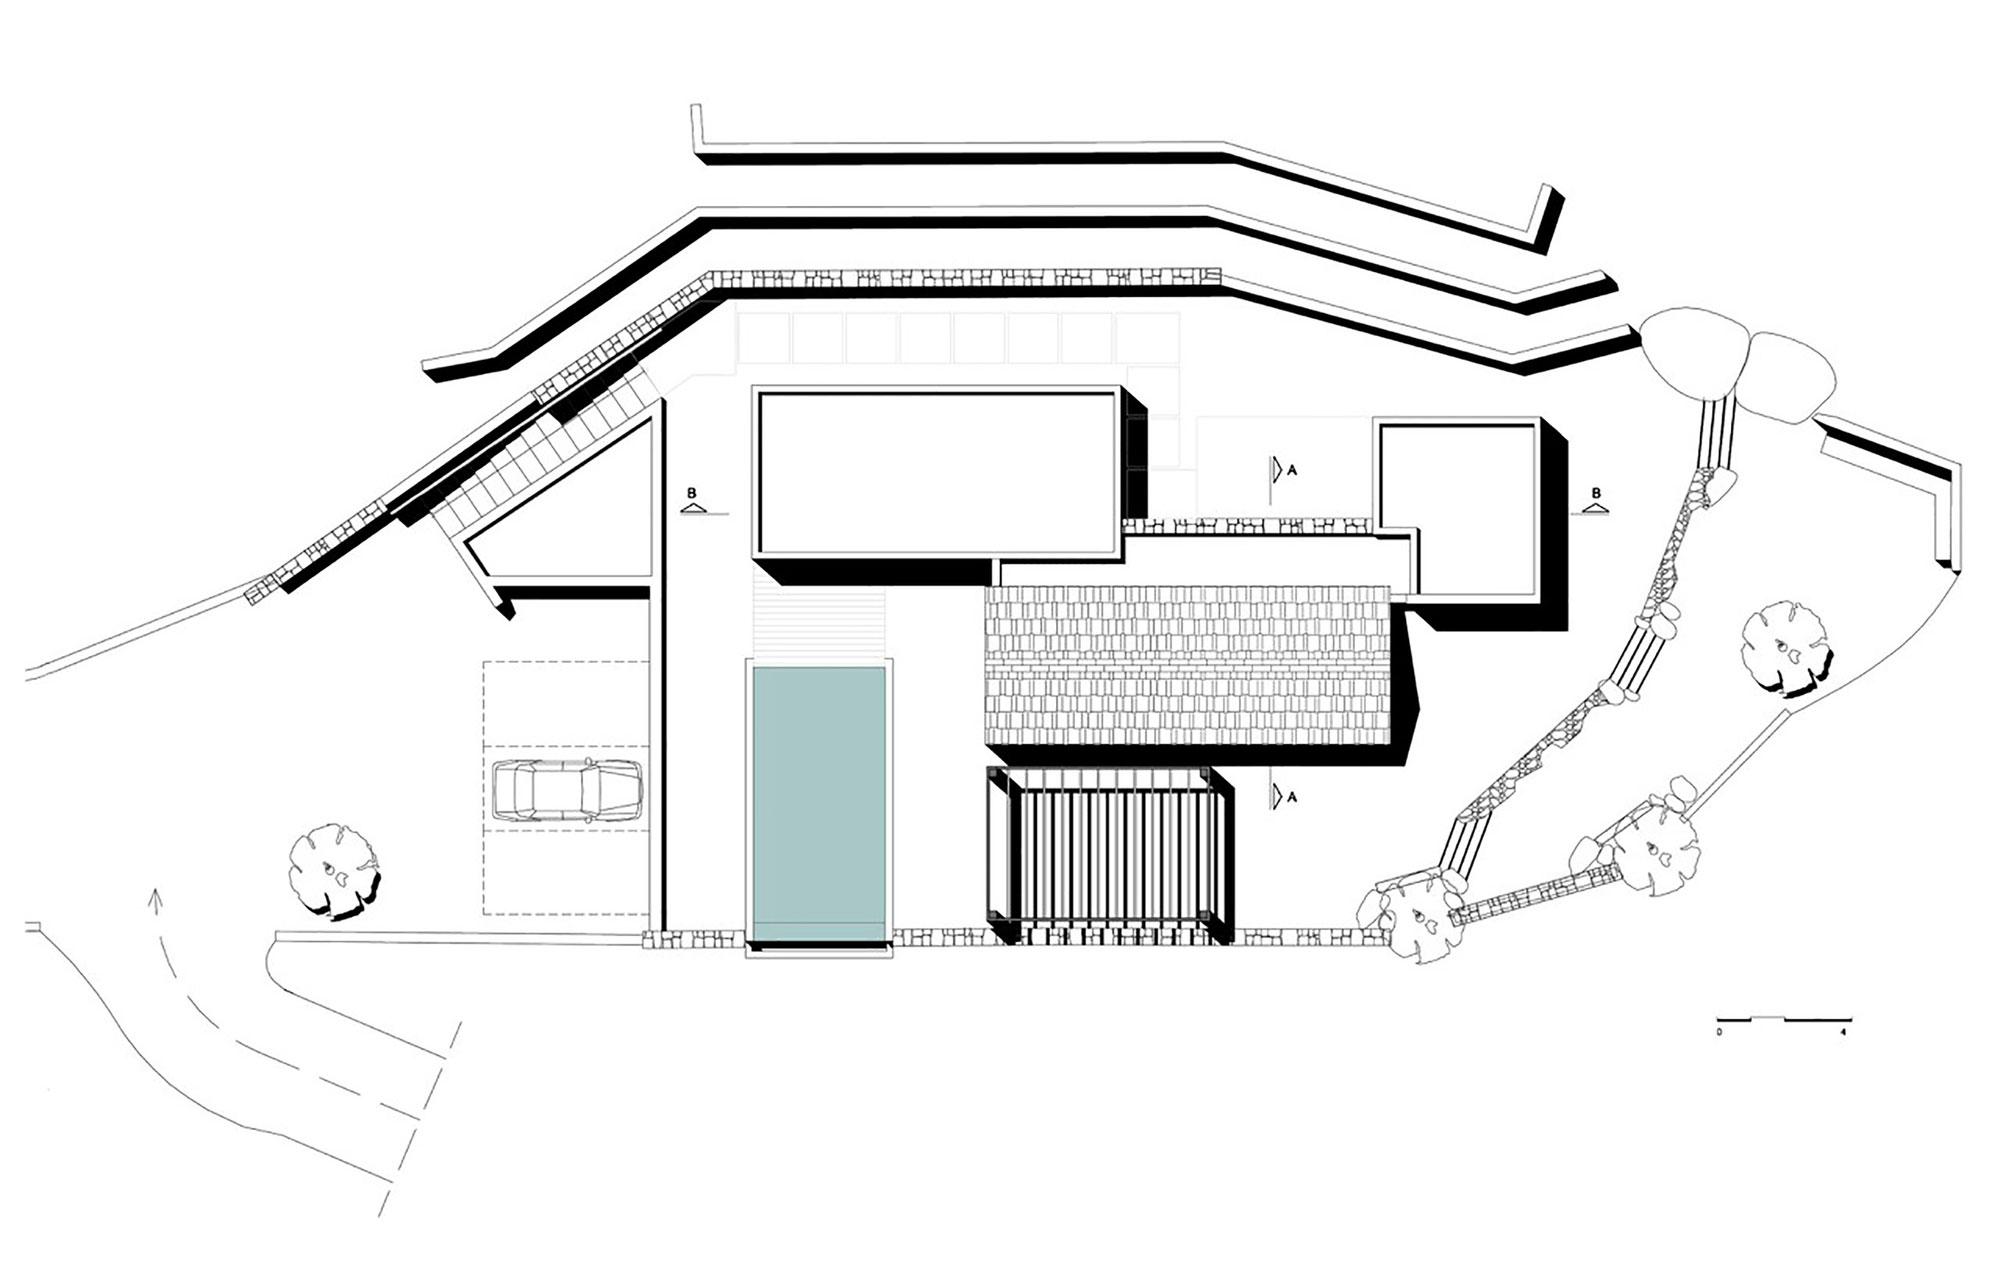 Melana Residence by Valia Foufa & Panagiotis Papassotiriou-16